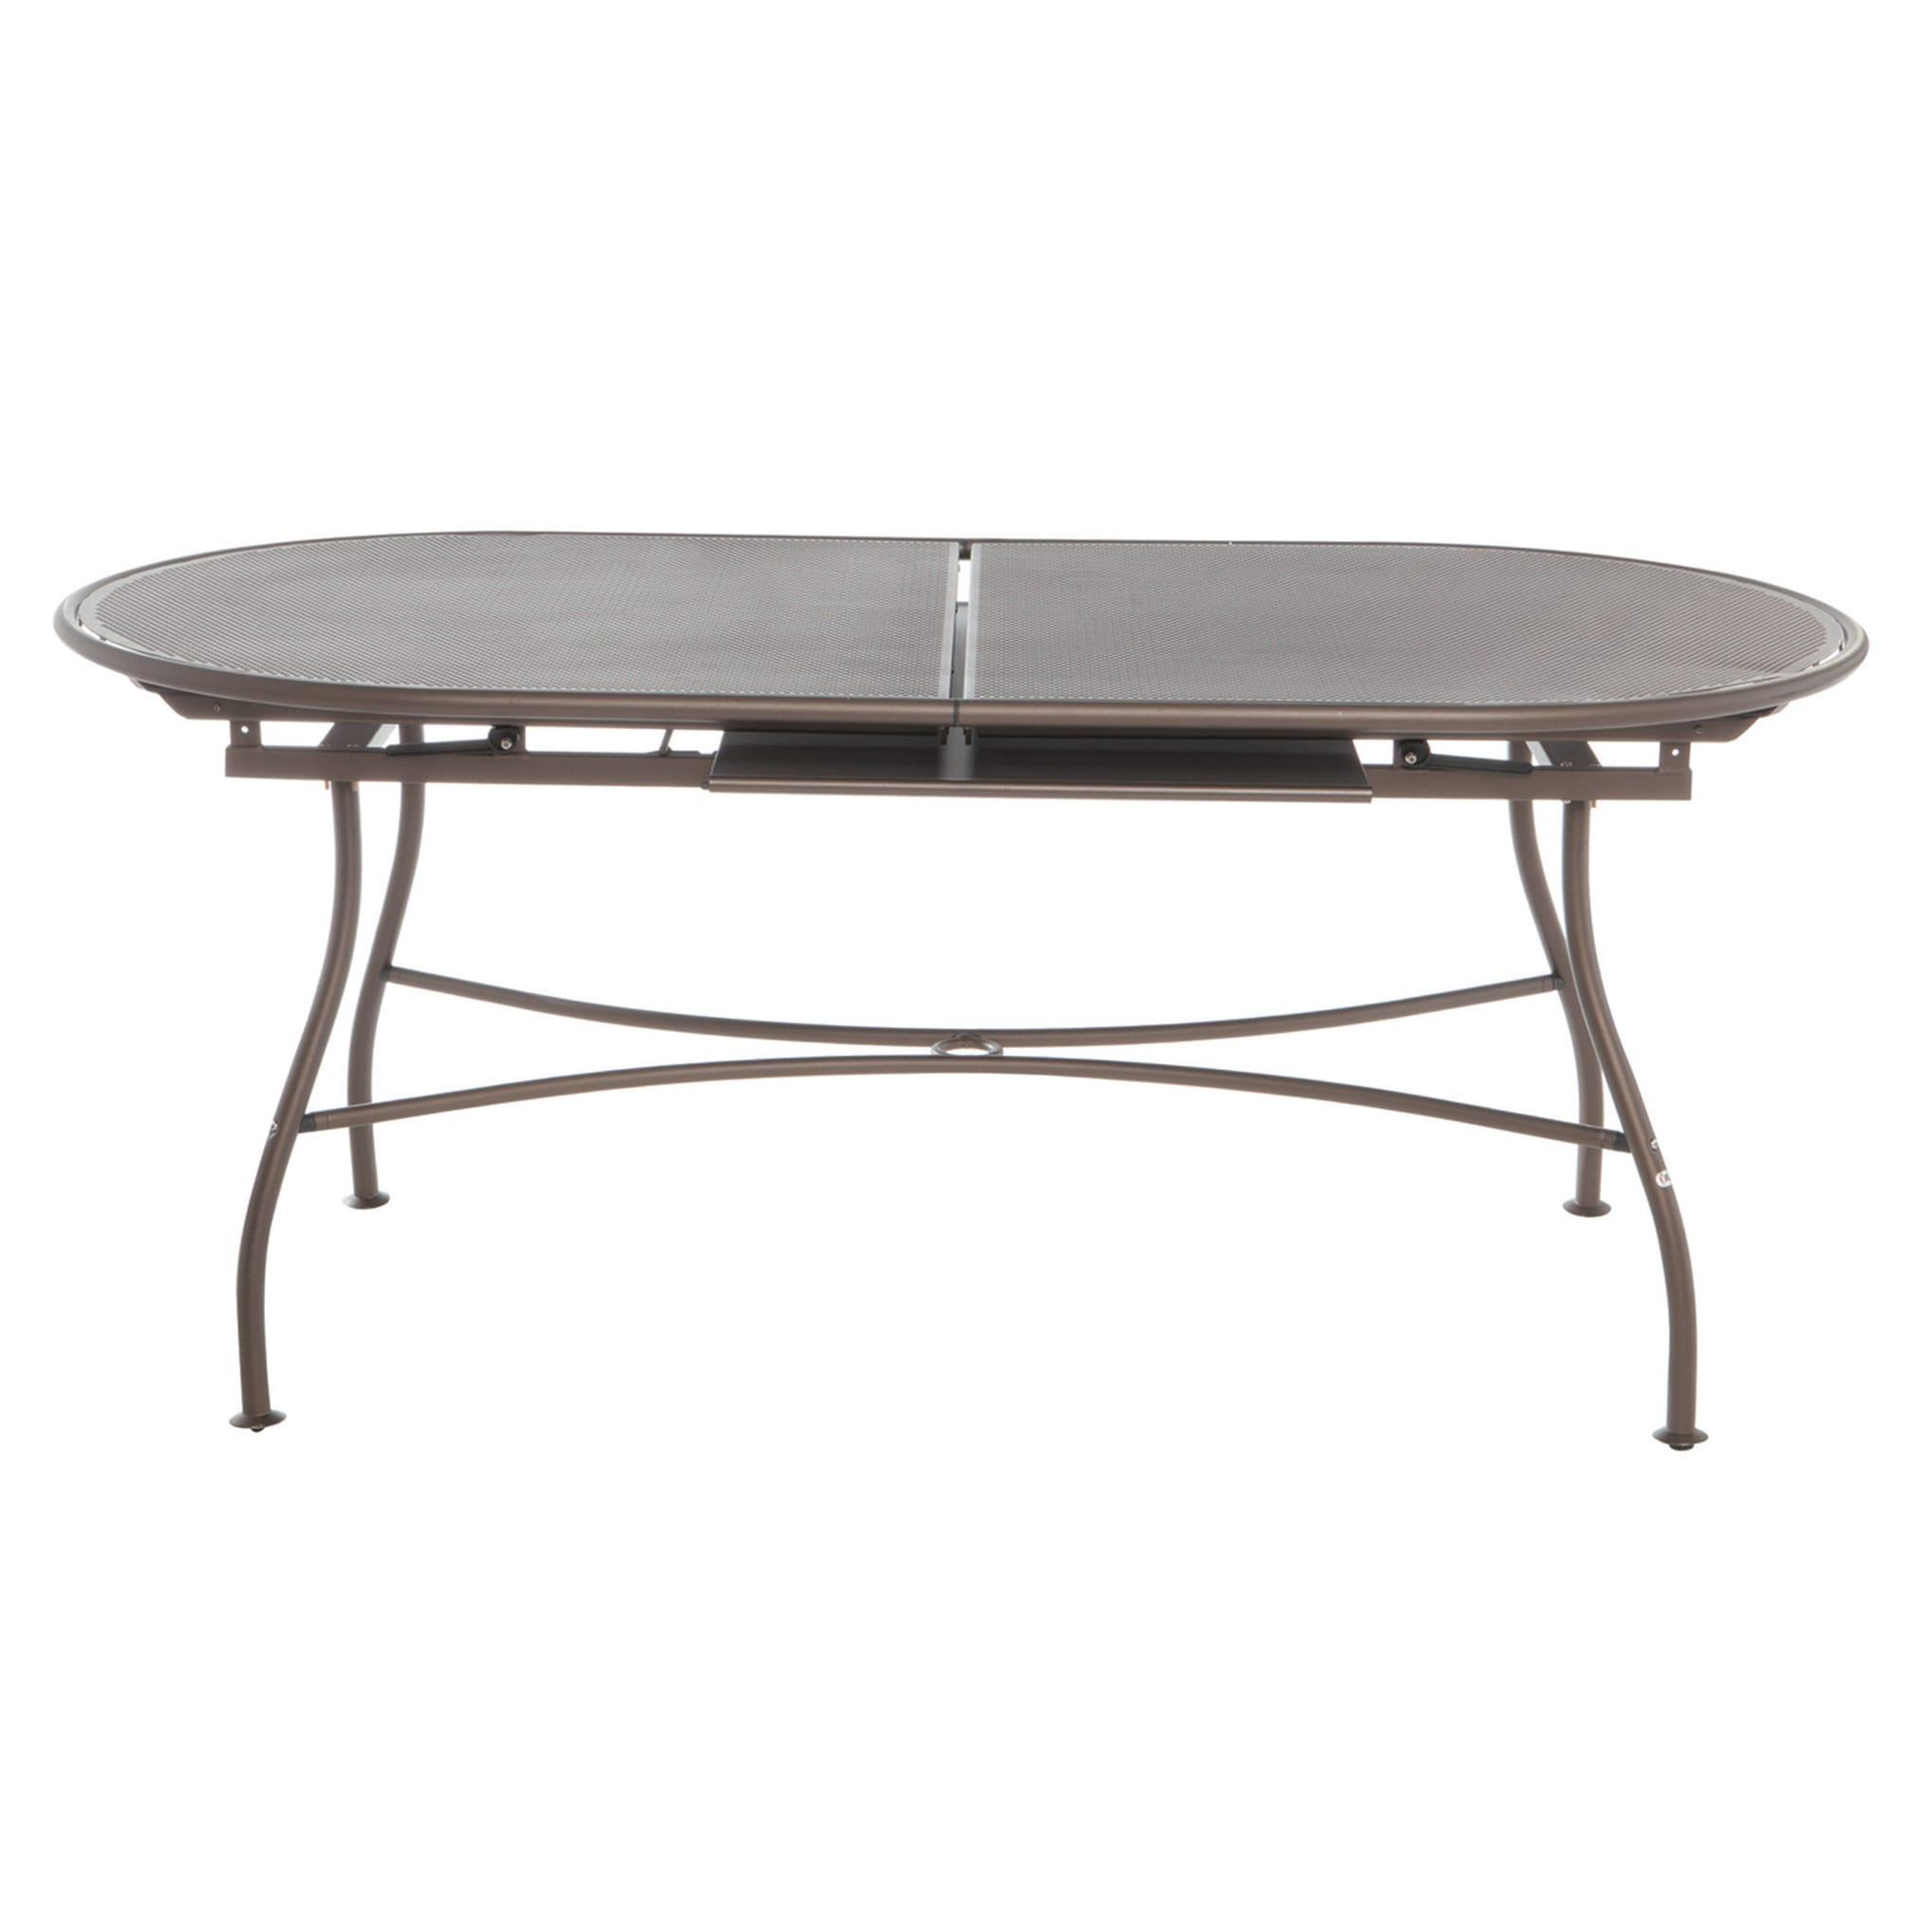 Emu Piano Tavolo Allungabile.Tavolo Da Giardino Allungabile Evo Con Piano In Alluminio L 180 X